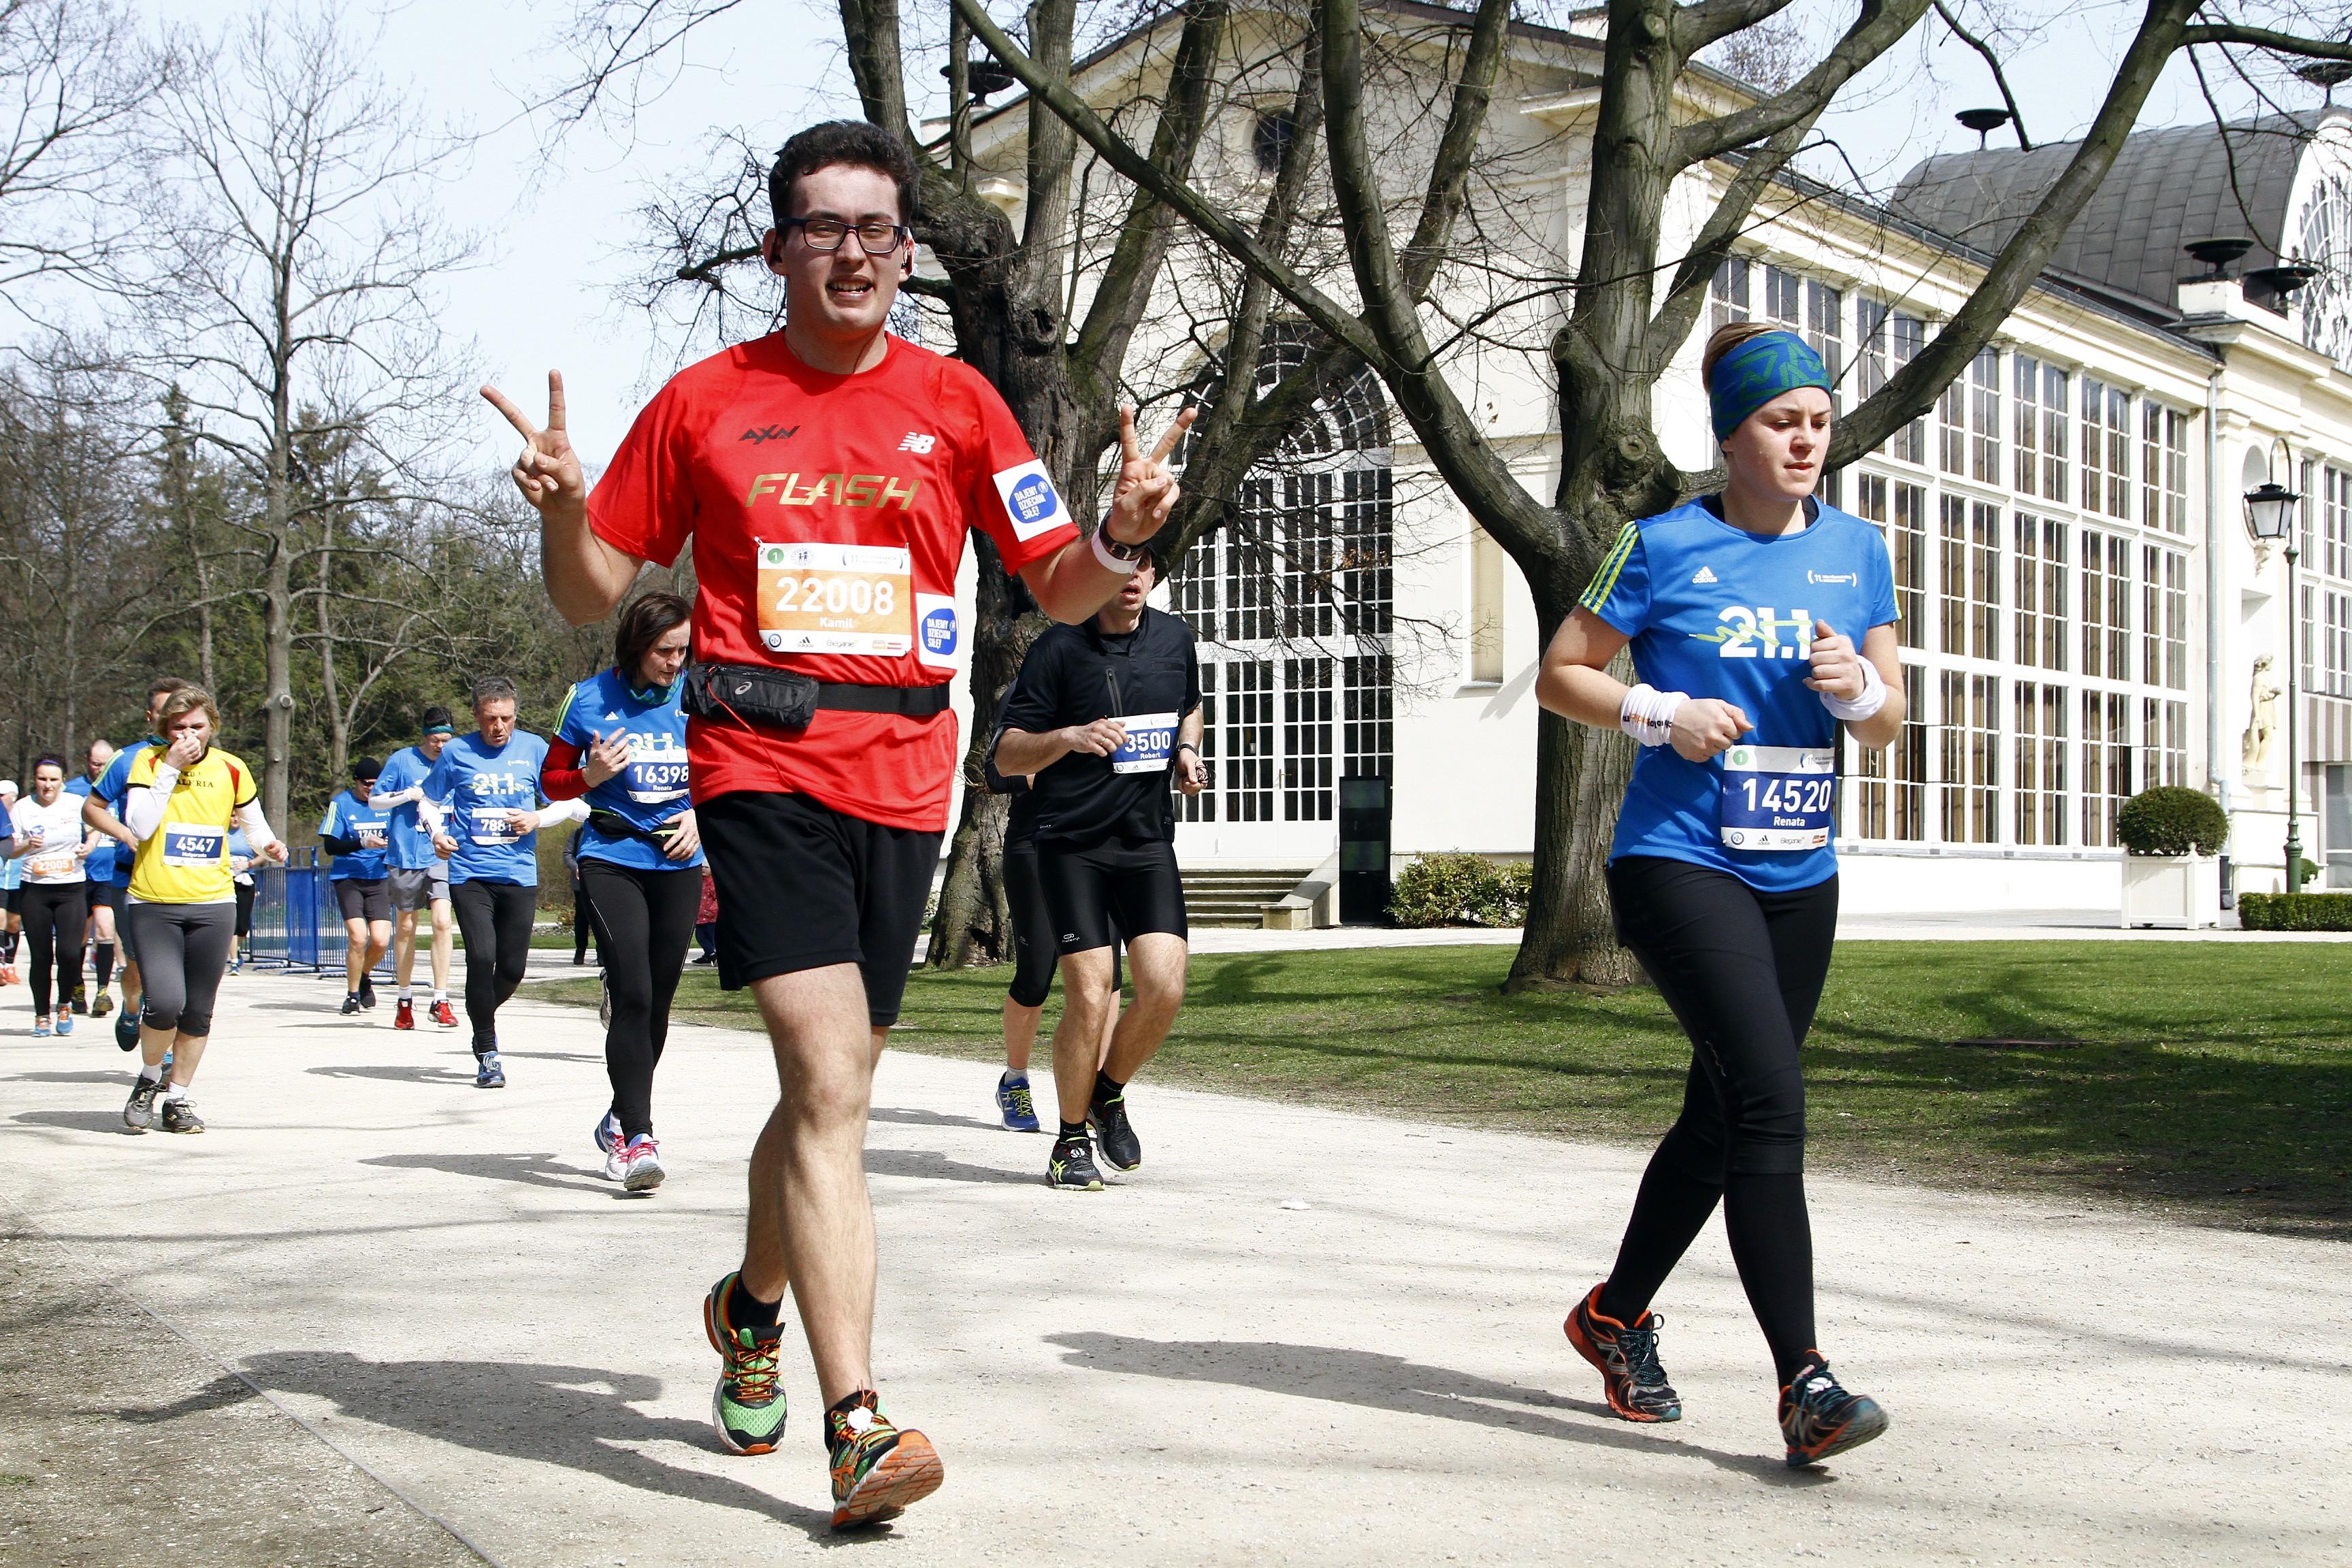 Dieta biegacza: jak jeść, żeby schudnąć?